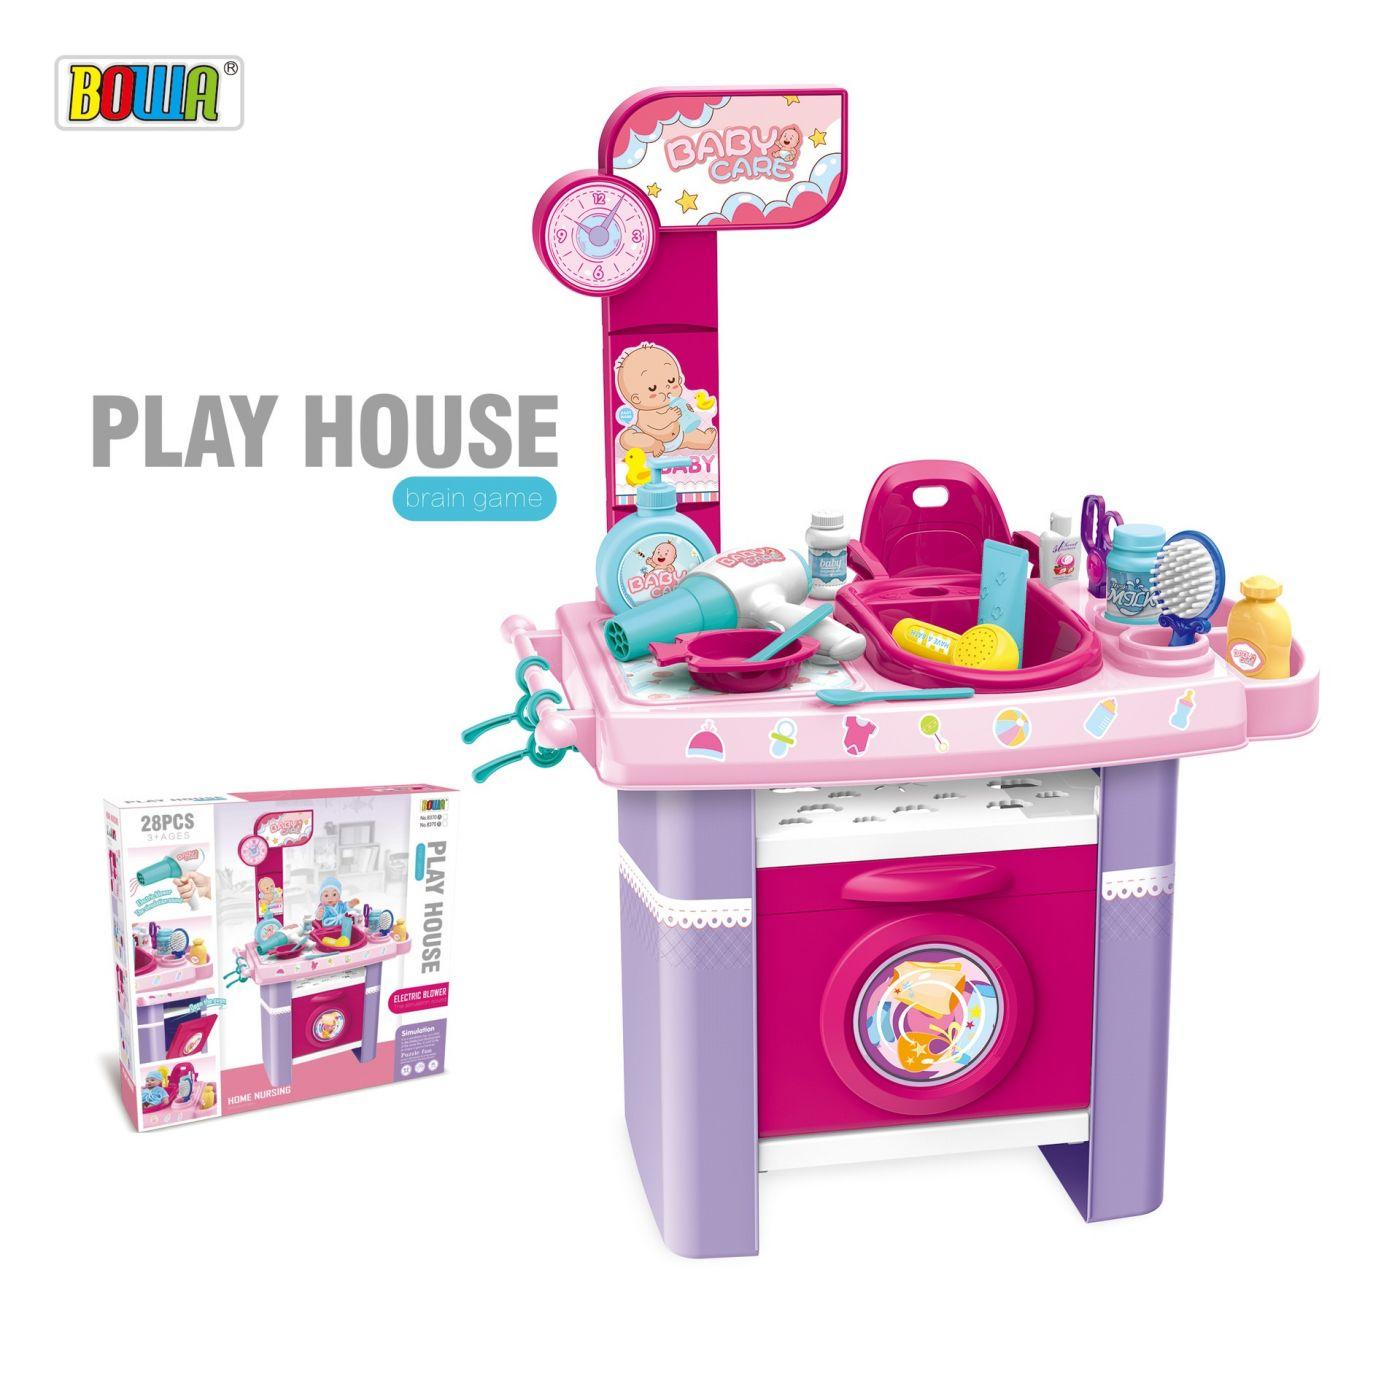 Игрушечная стиральная машинка с ванночкой и пеленальным столиком 8370B